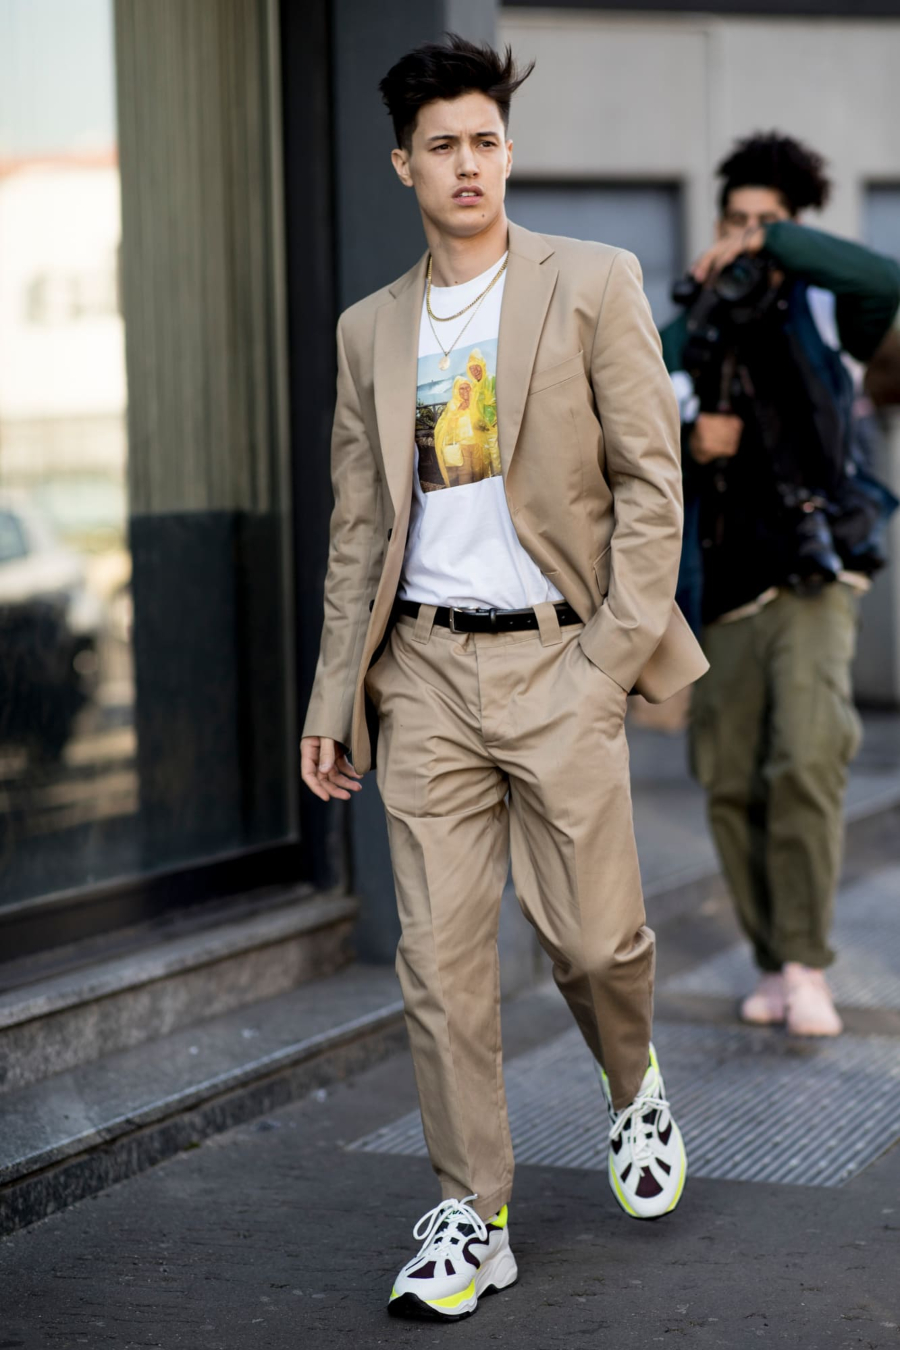 diện đồ trên phố bộ suit màu beige